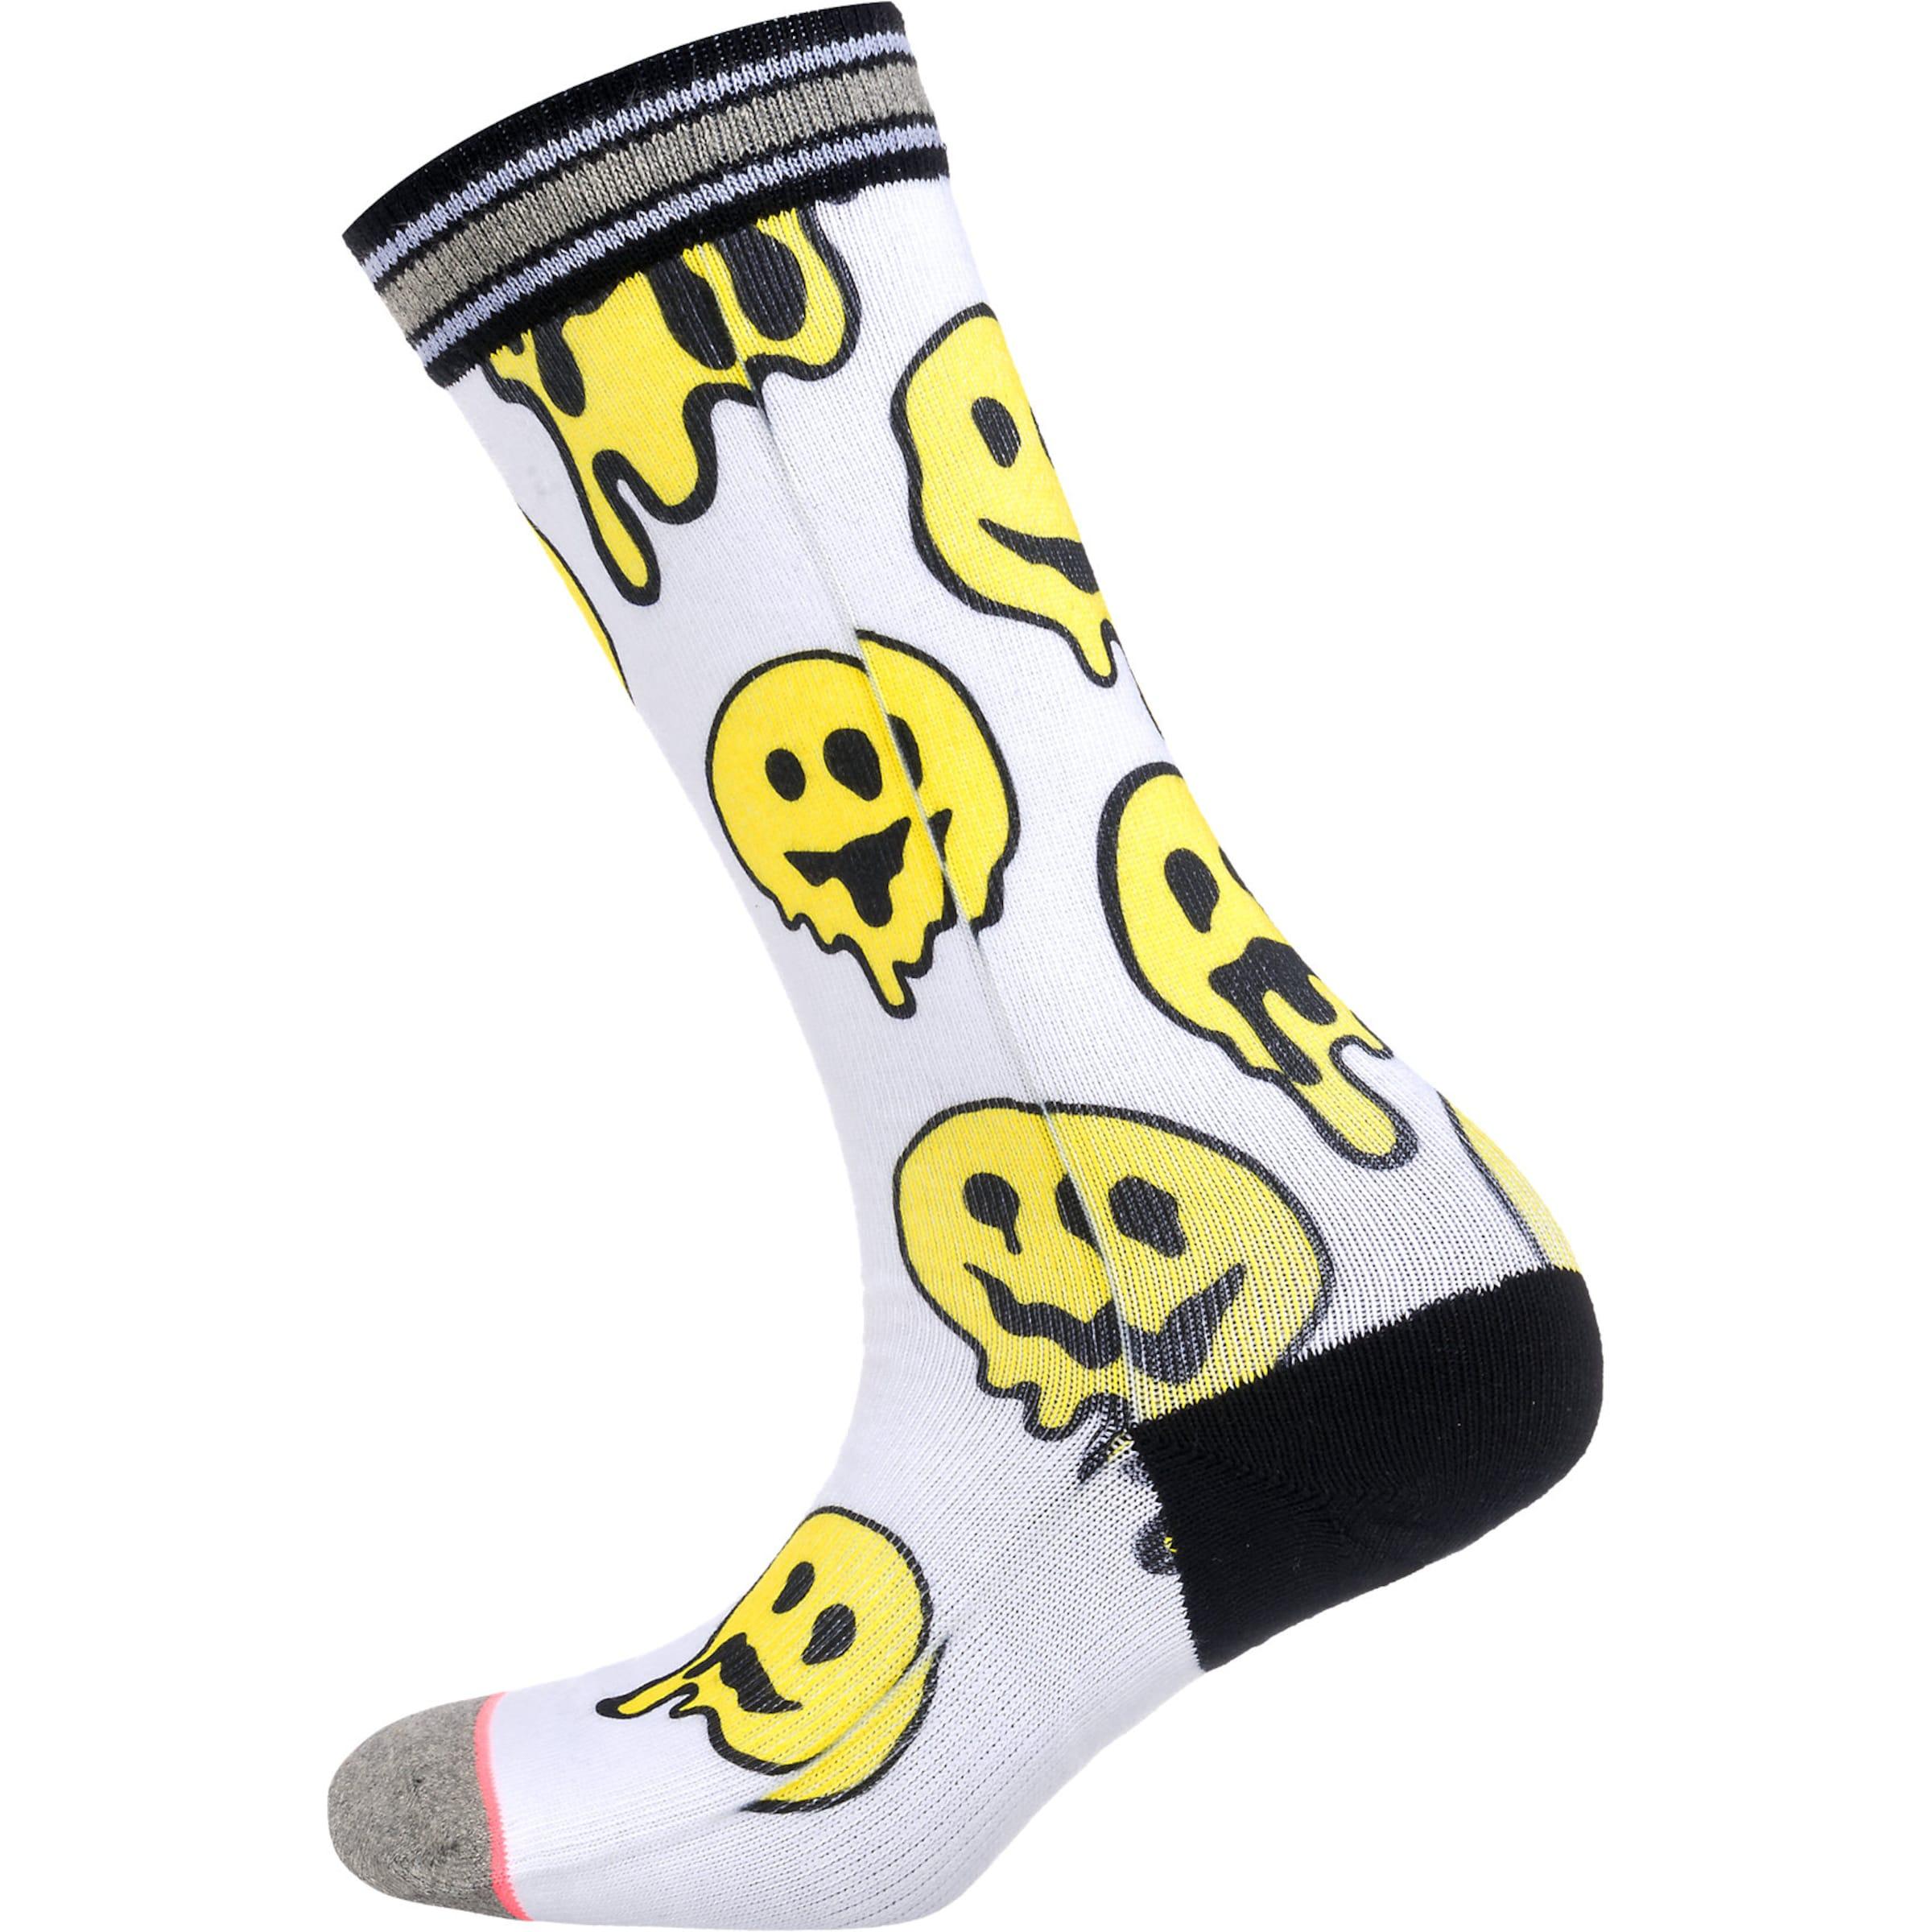 Stance Socken Kaufen Billig Authentisch Kaufen Online-Verkauf Freiraum Für Verkauf Freies Verschiffen Der Suche Nach fXi3srT